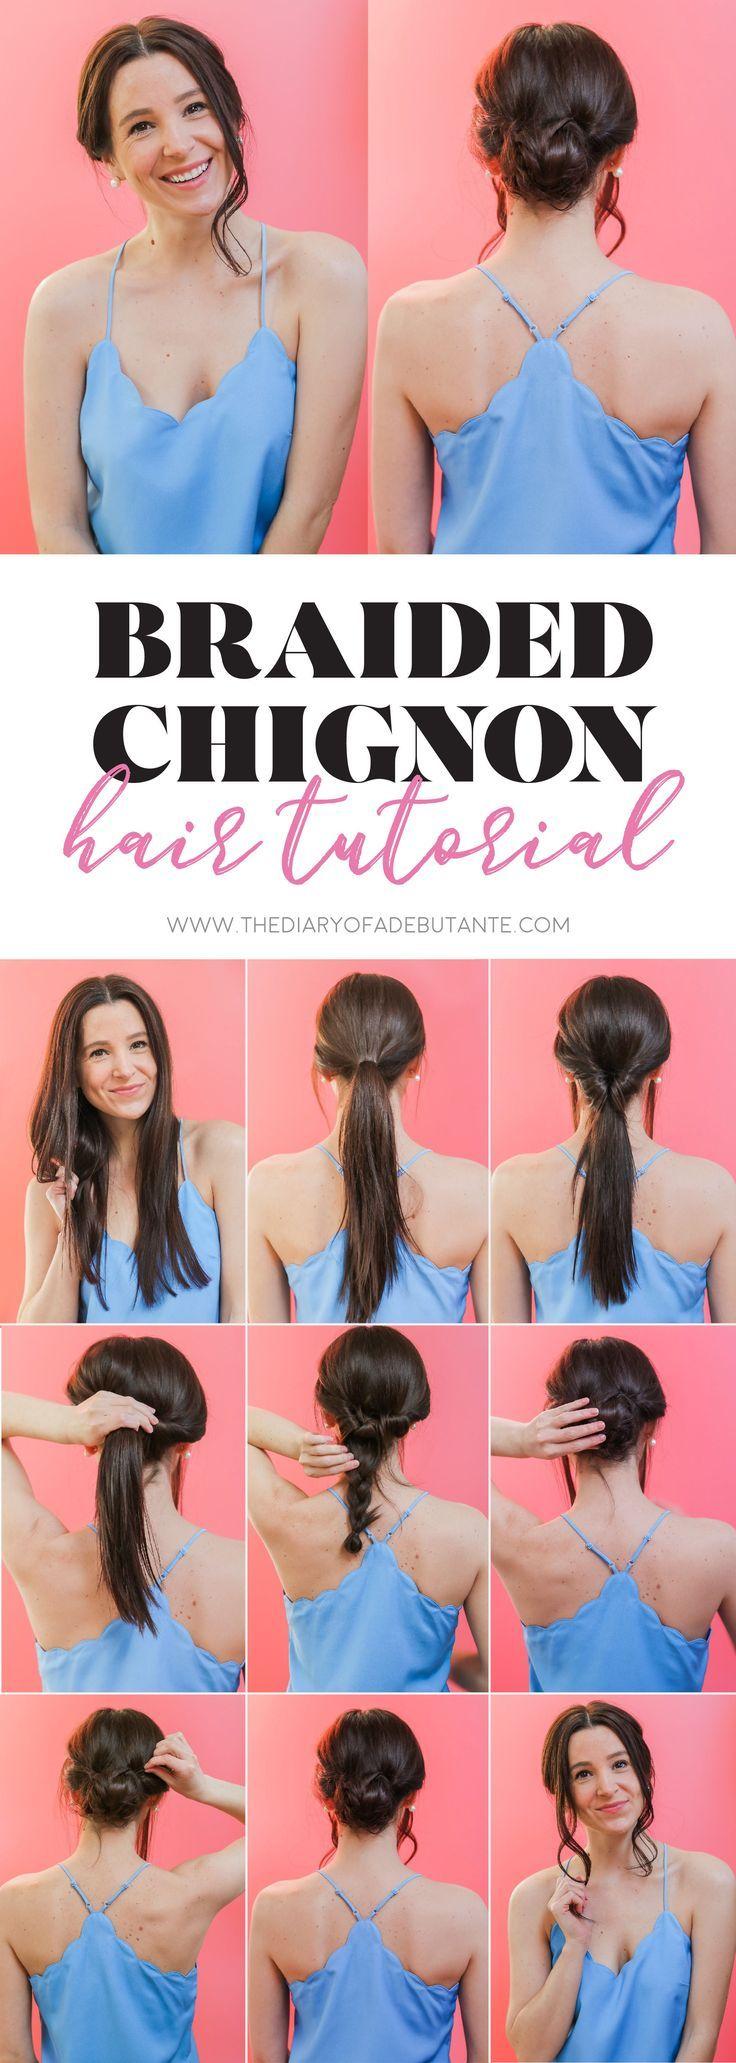 Easy Braided Chignon Tutorial und Tipps zum Haarfärben zu Hause